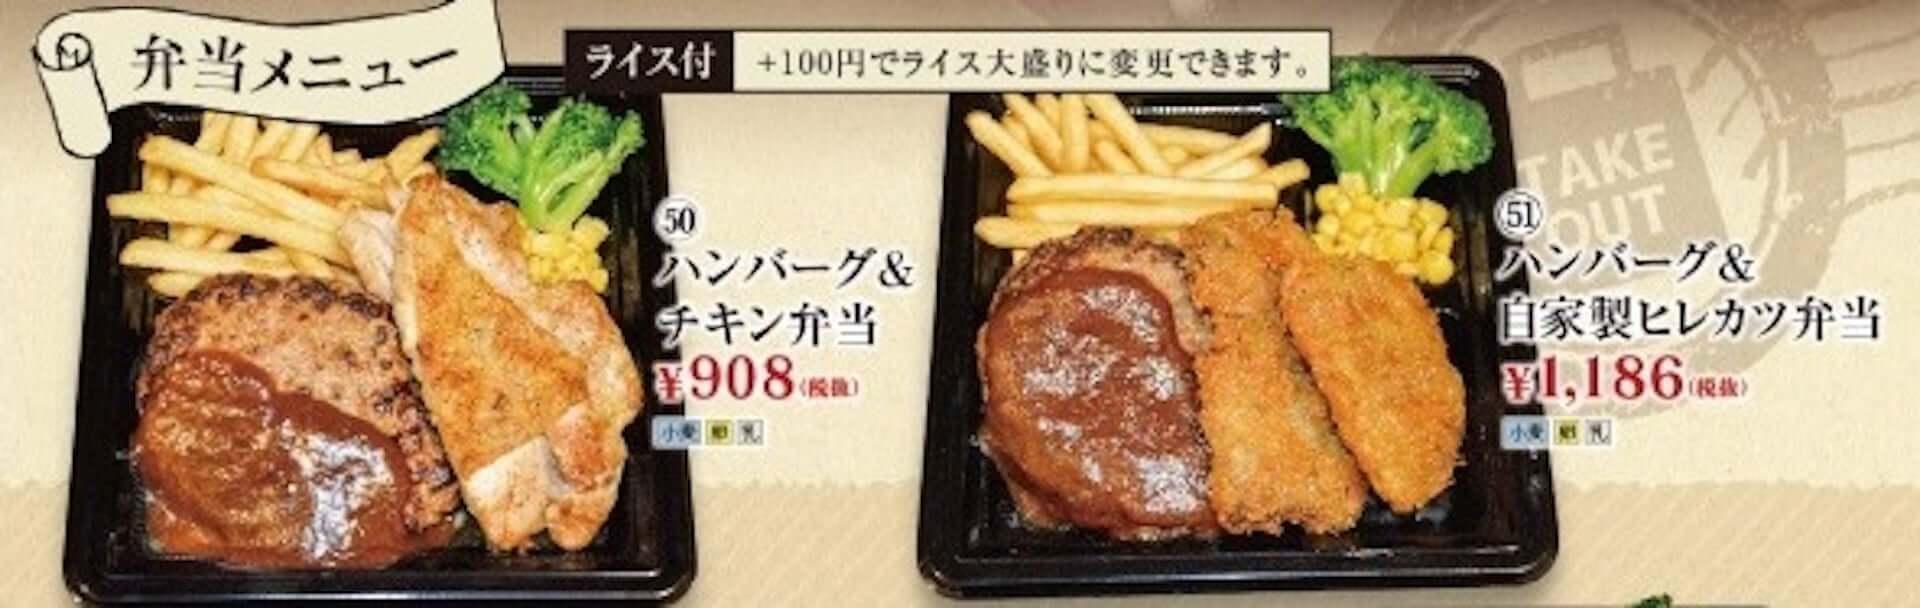 おうちでステーキ!フォルクスのテイクアウトメニューが大幅に拡大|Web注文で店舗受取&時間指定も可能に gourmet200525_steak_takeout_5-1920x608